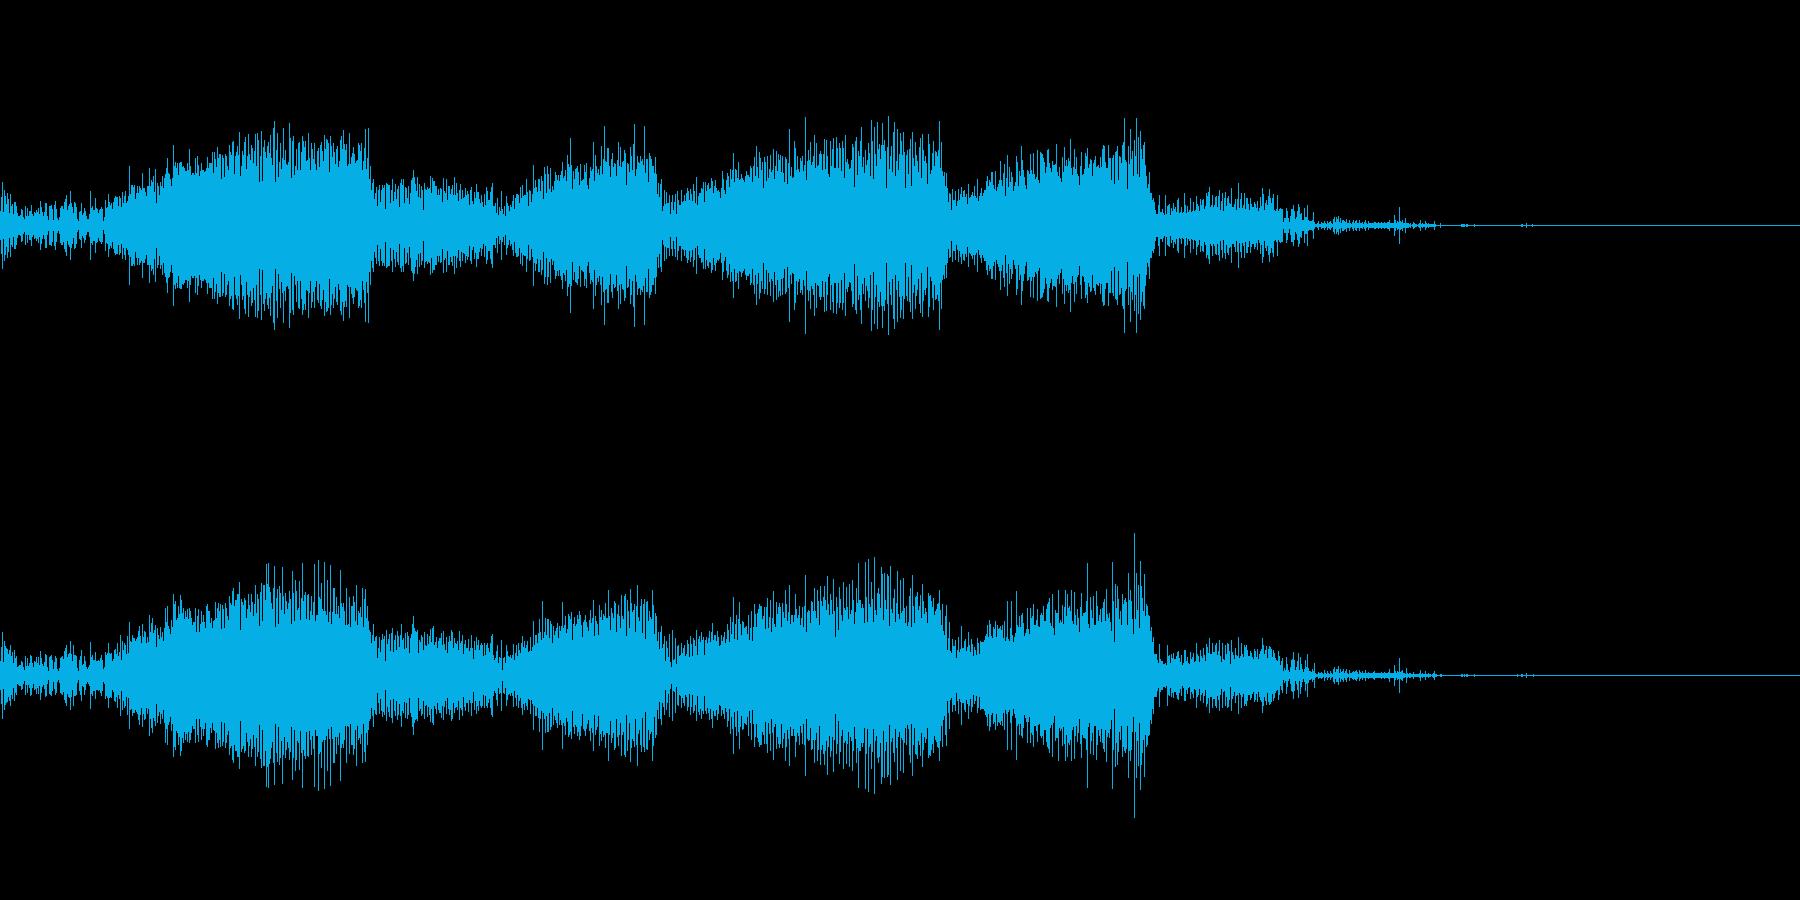 ビリビリ 電撃 感電 エレキノイズの再生済みの波形